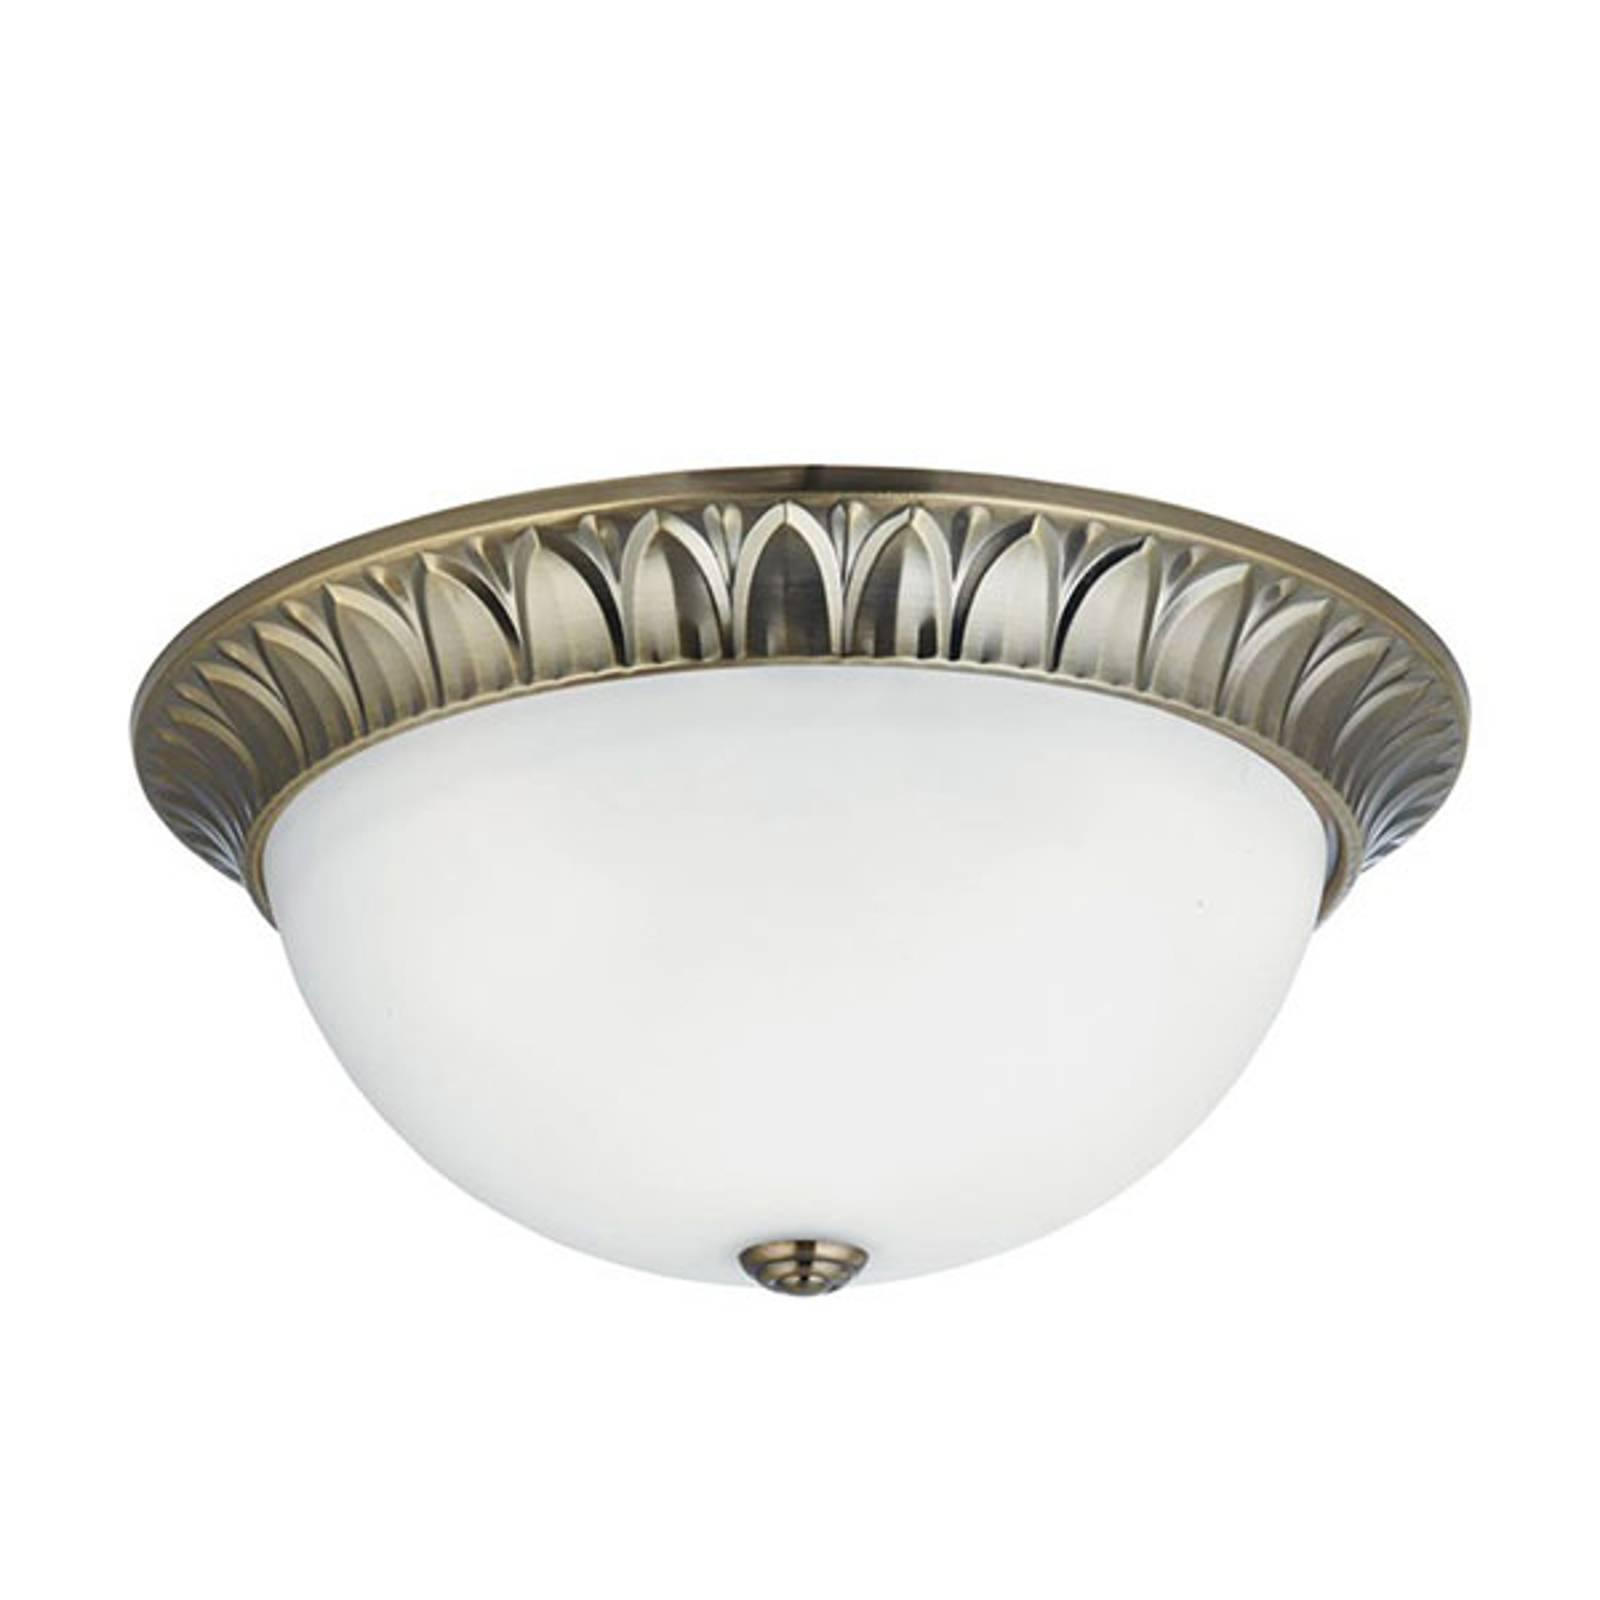 Glas-plafondlamp Flush messing antiek, Ø 38cm